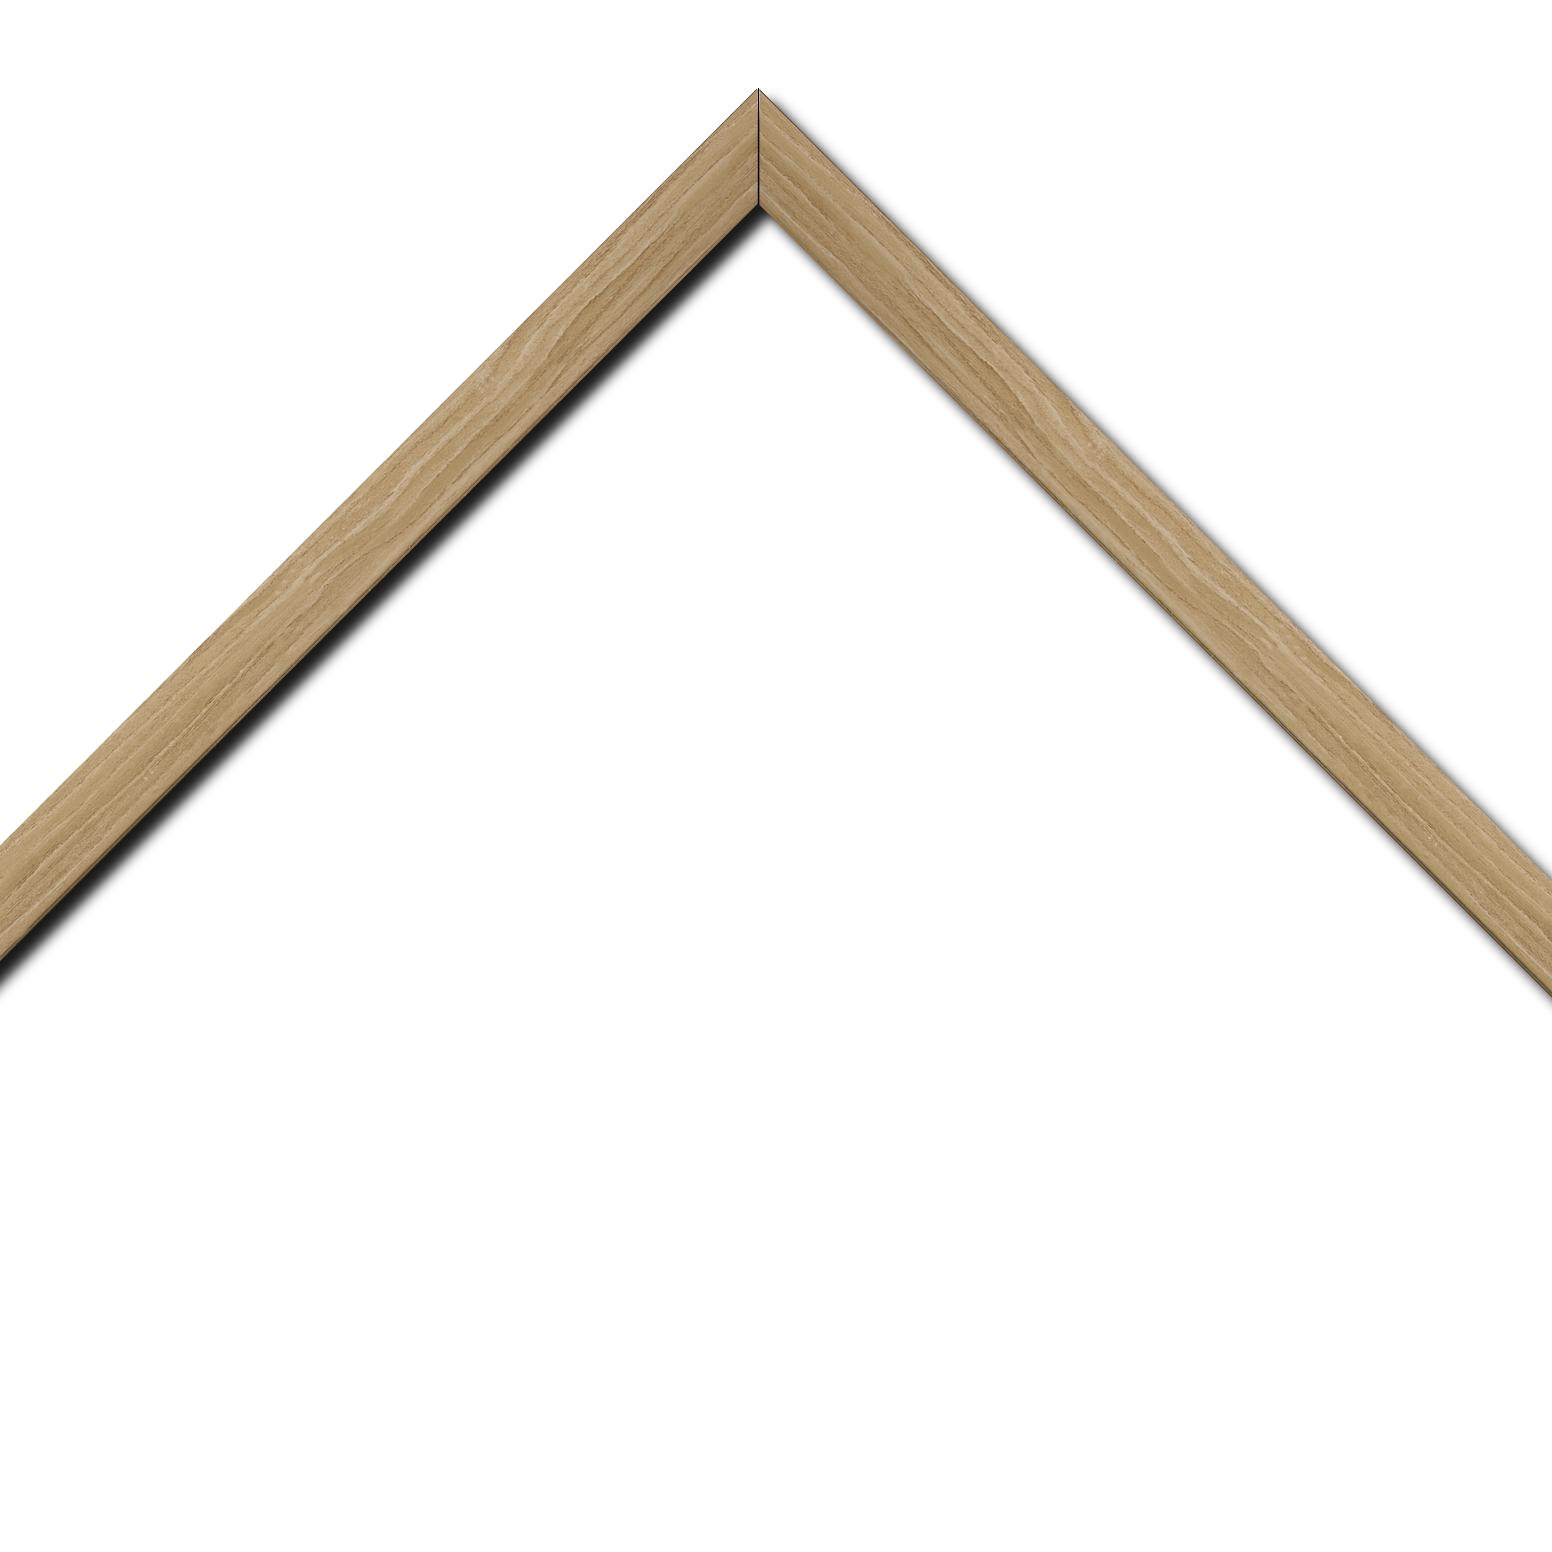 Baguette bois profil plat largeur 2cm décor bois naturel